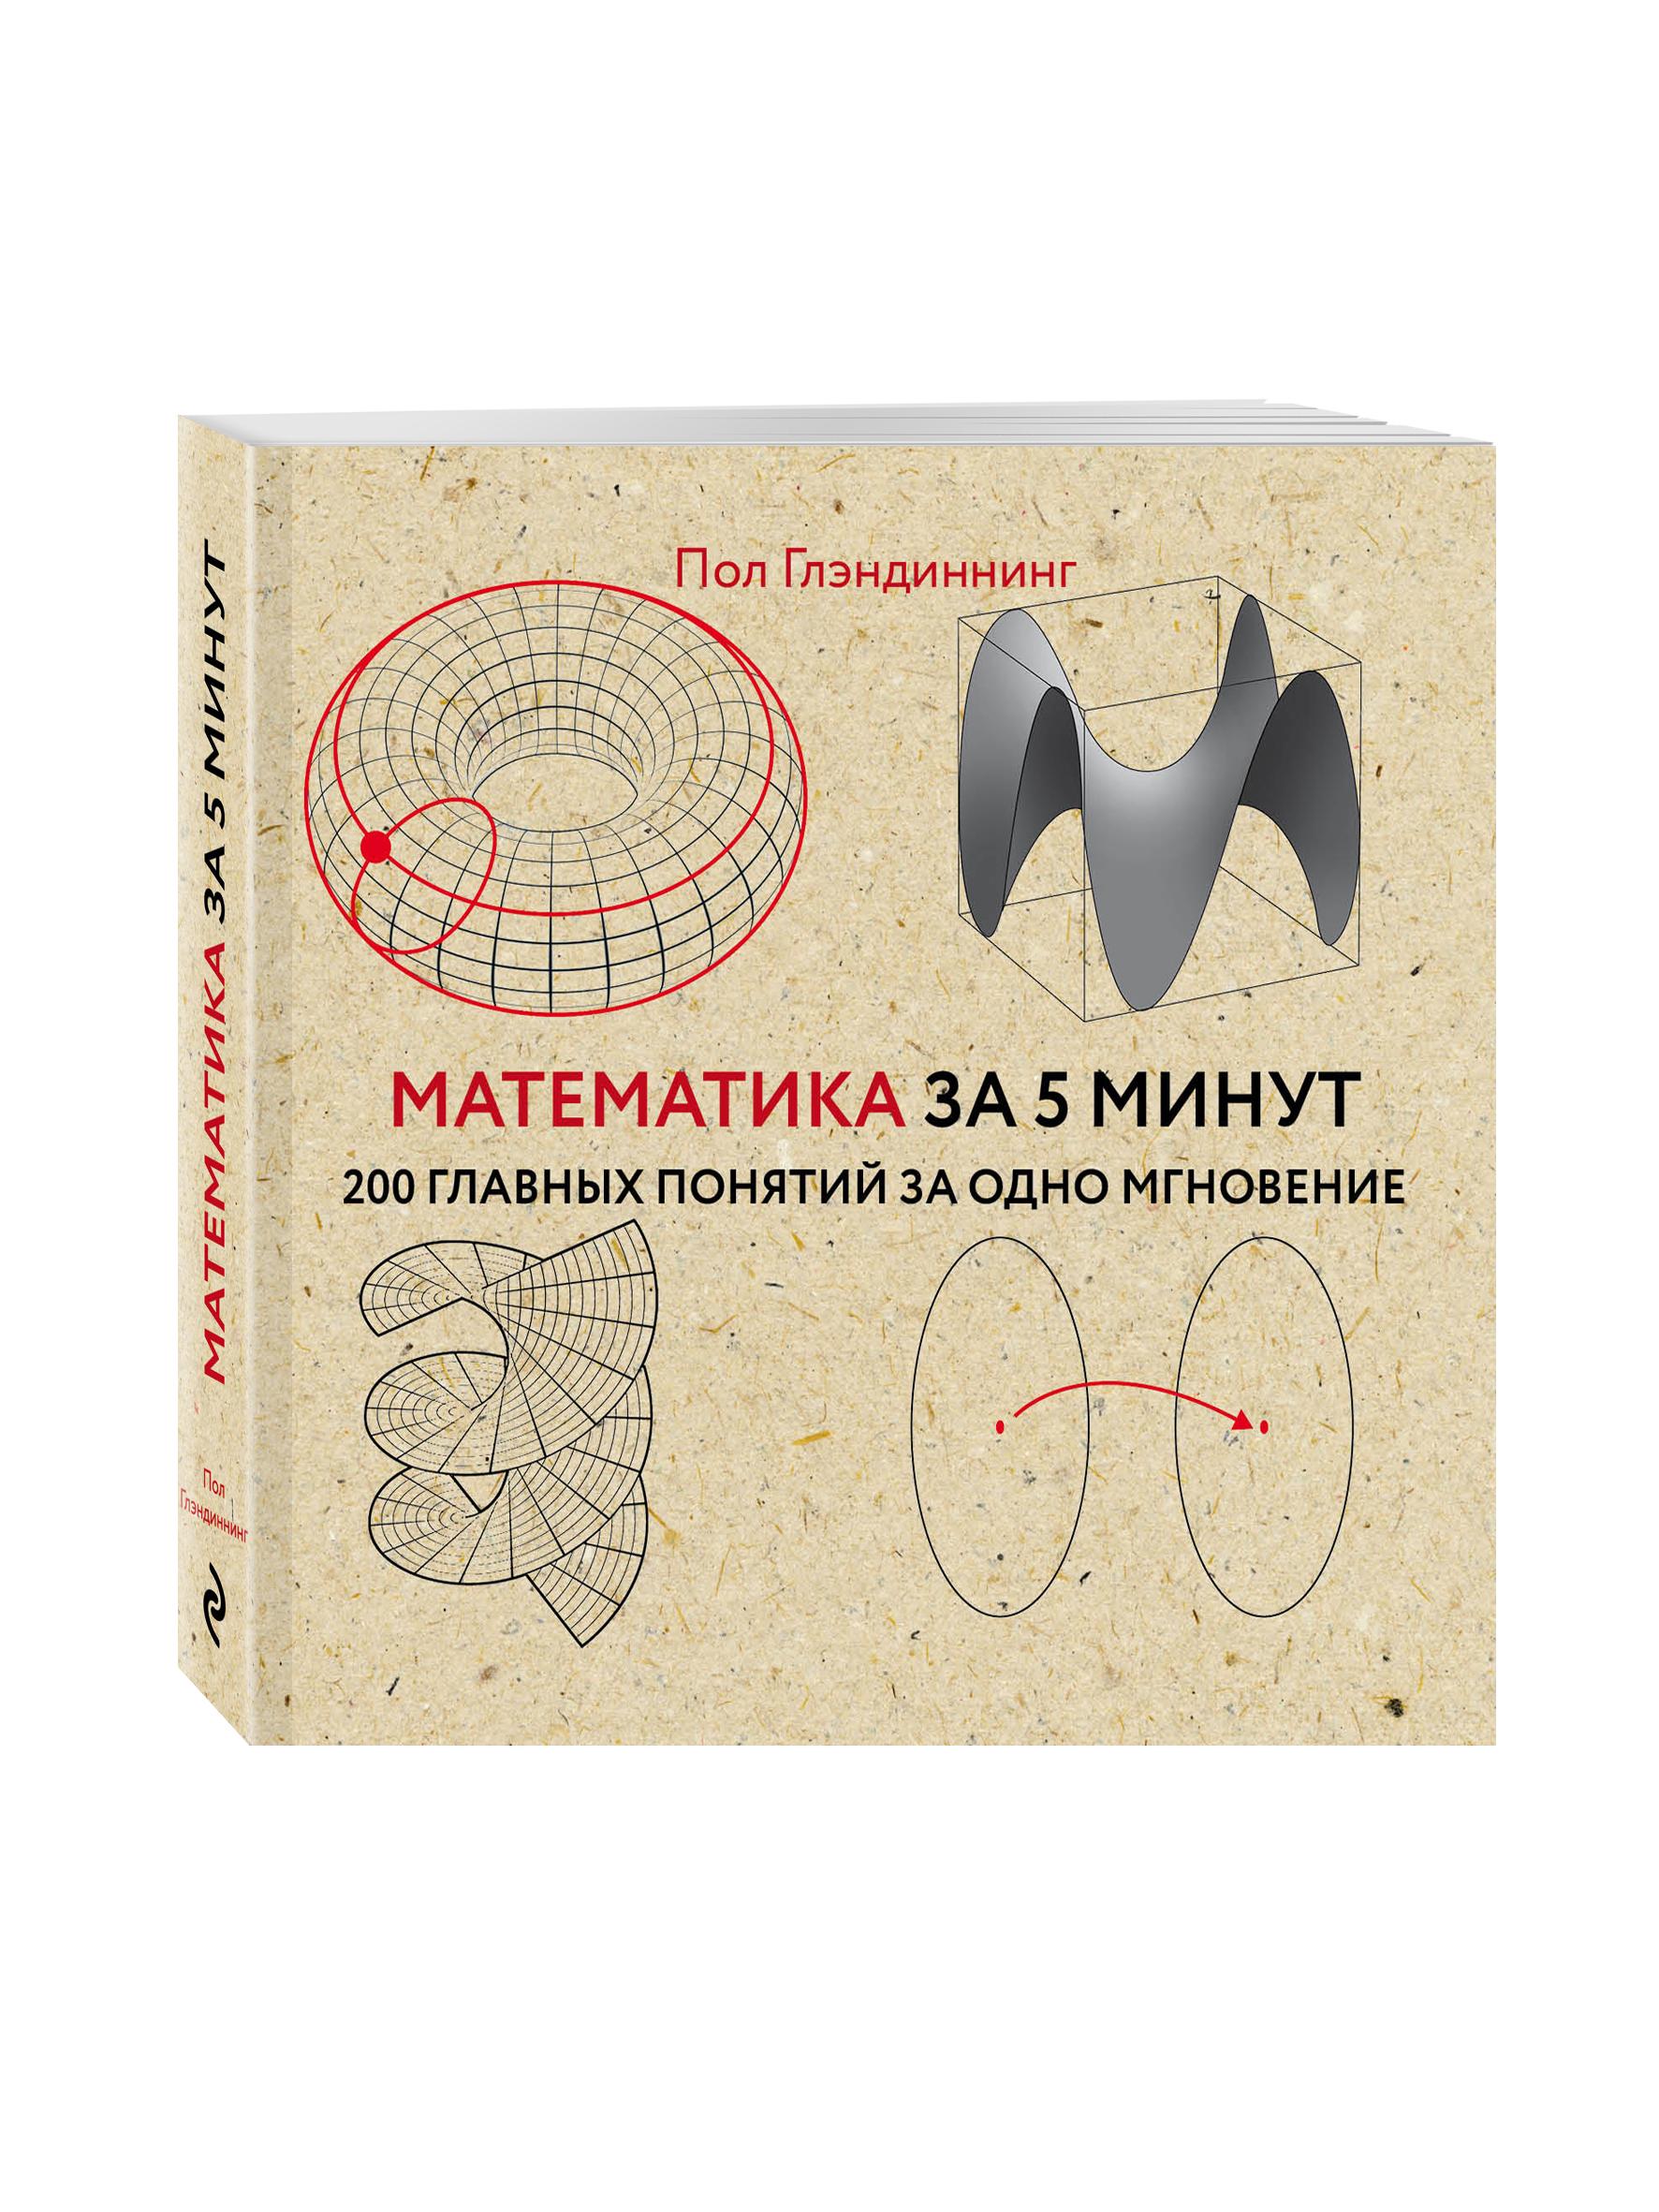 Математика за 5 минут ( Глэндиннинг П.  )